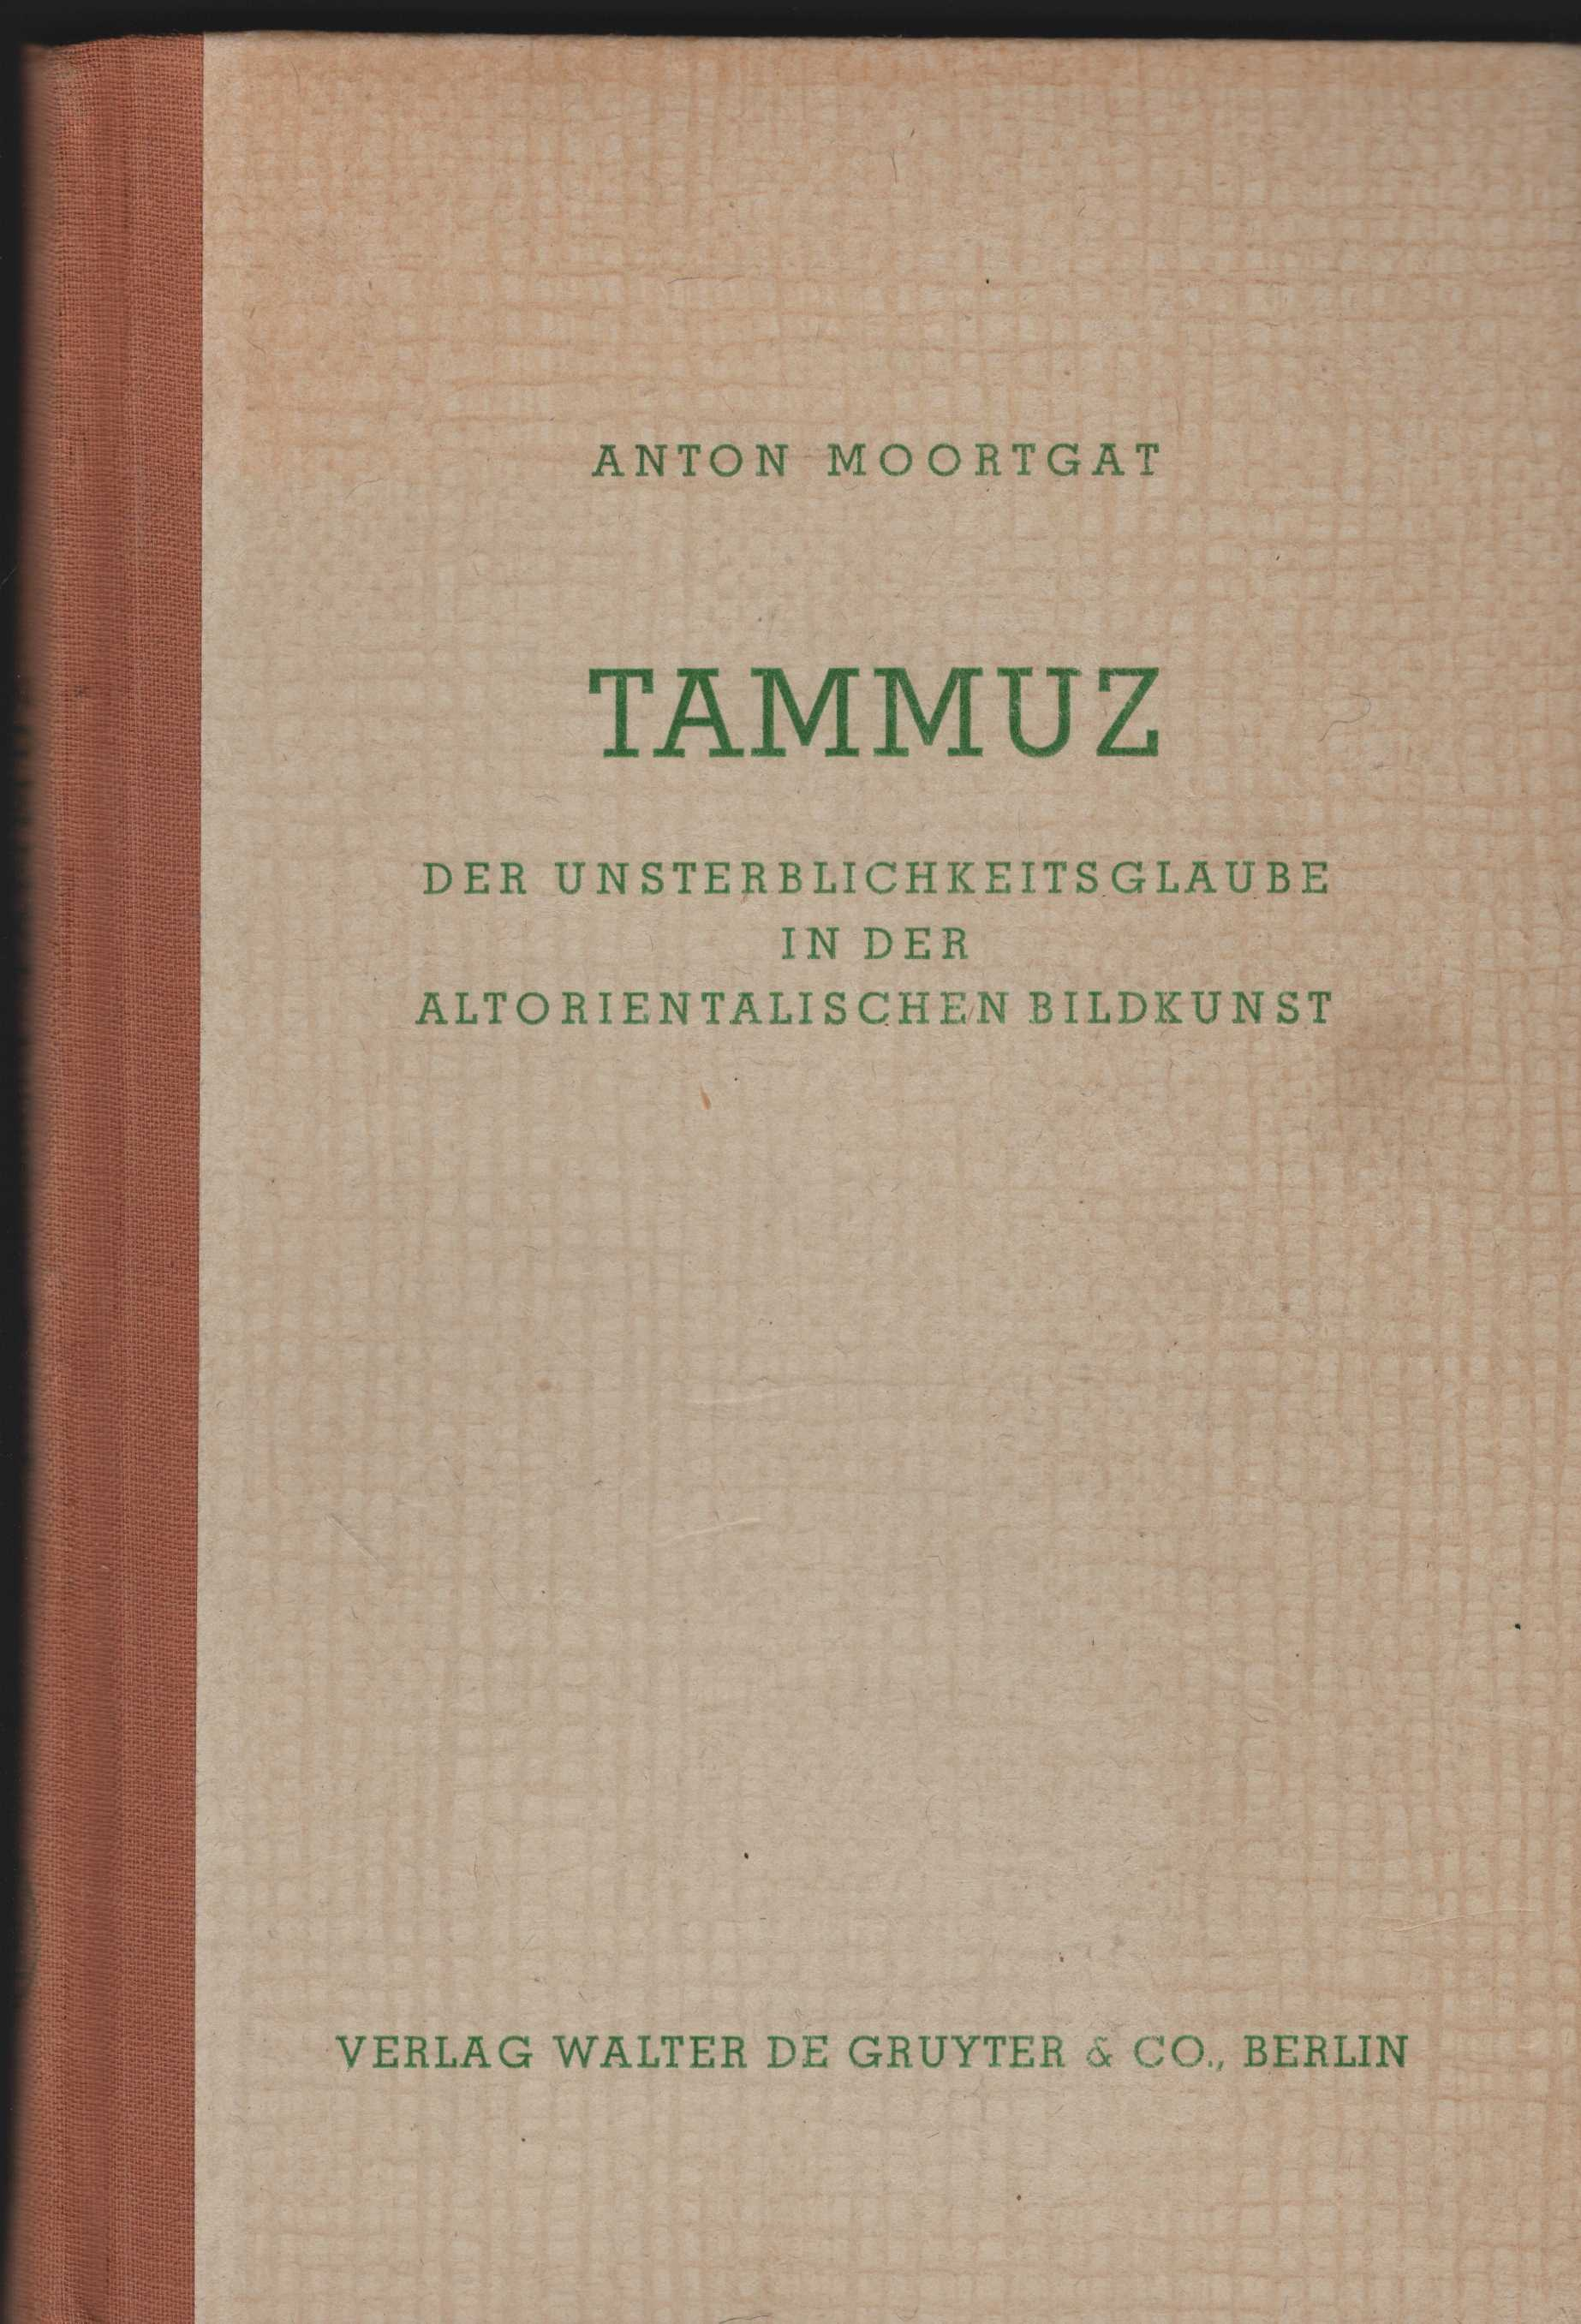 Tammuz. Der Unsterblichkeitsglaube in der altorientalischen Bildkunst.: Moortgat, Anton: